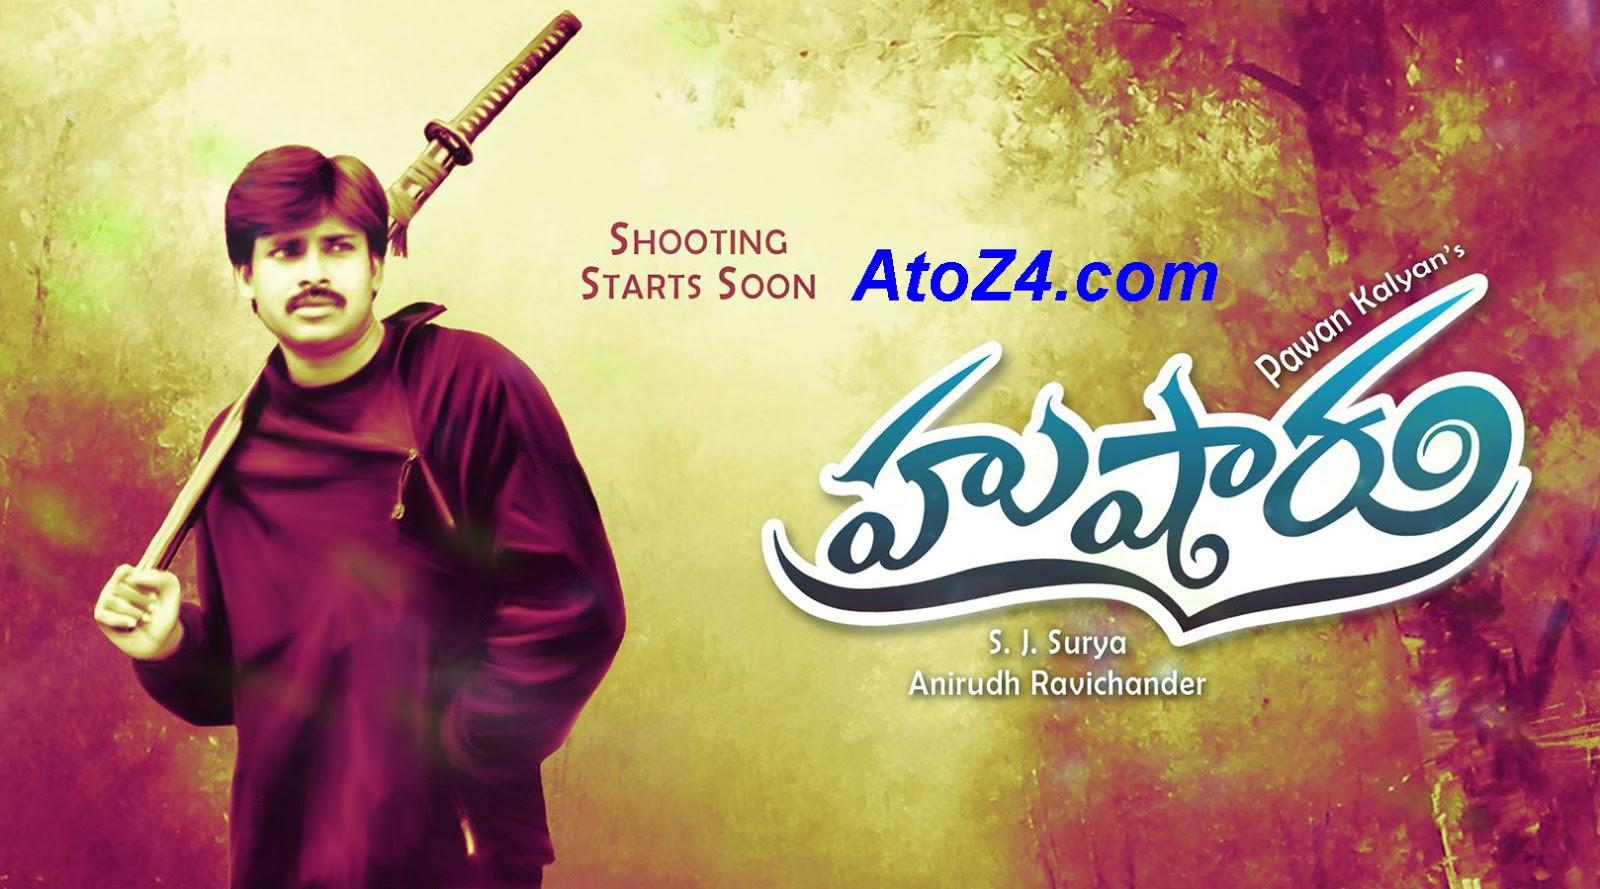 pawan kalyan new movie details / write a film script online